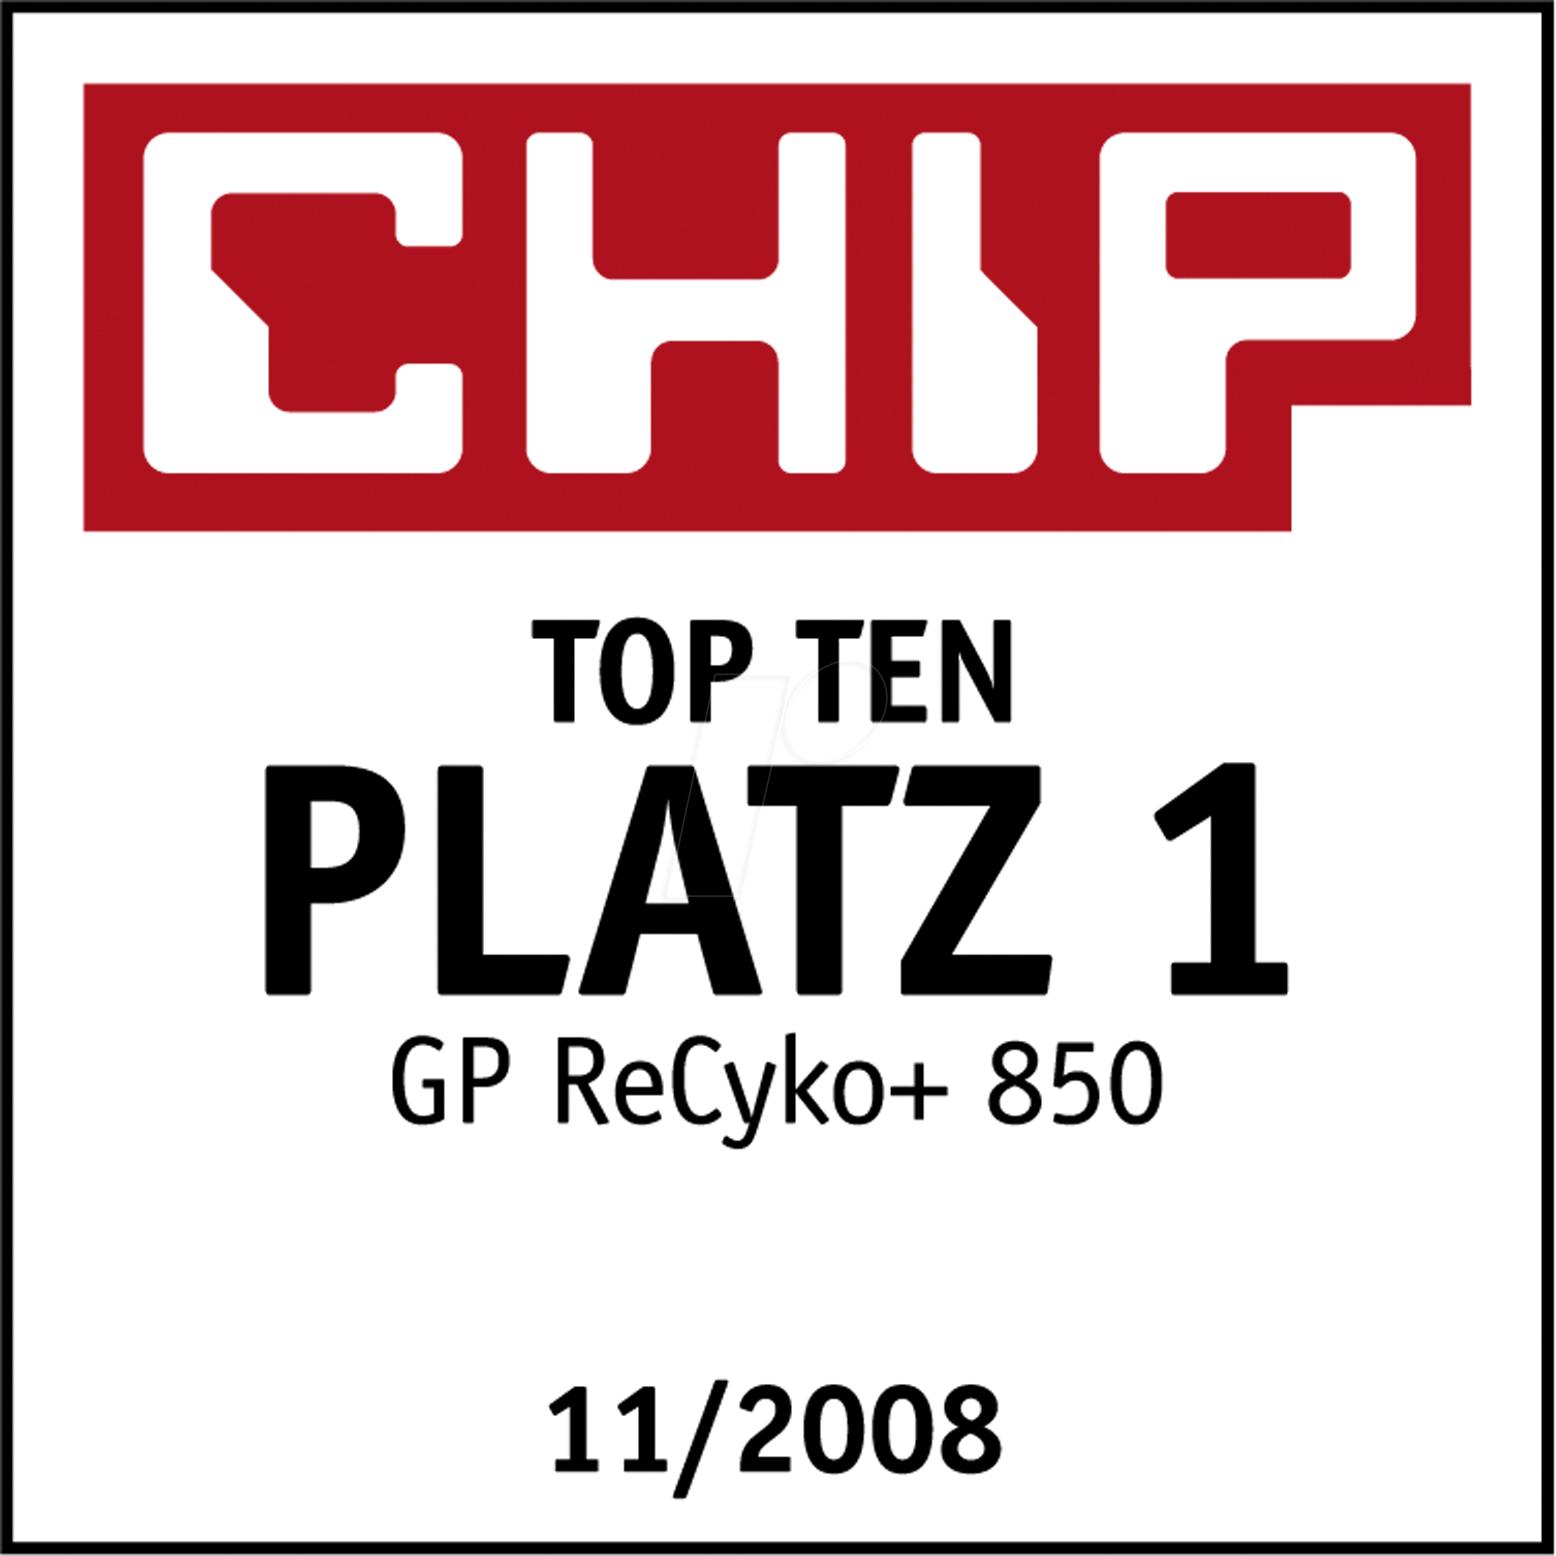 https://cdn-reichelt.de/bilder/web/xxl_ws/D600/RECYKO-AAA_CHIP.png